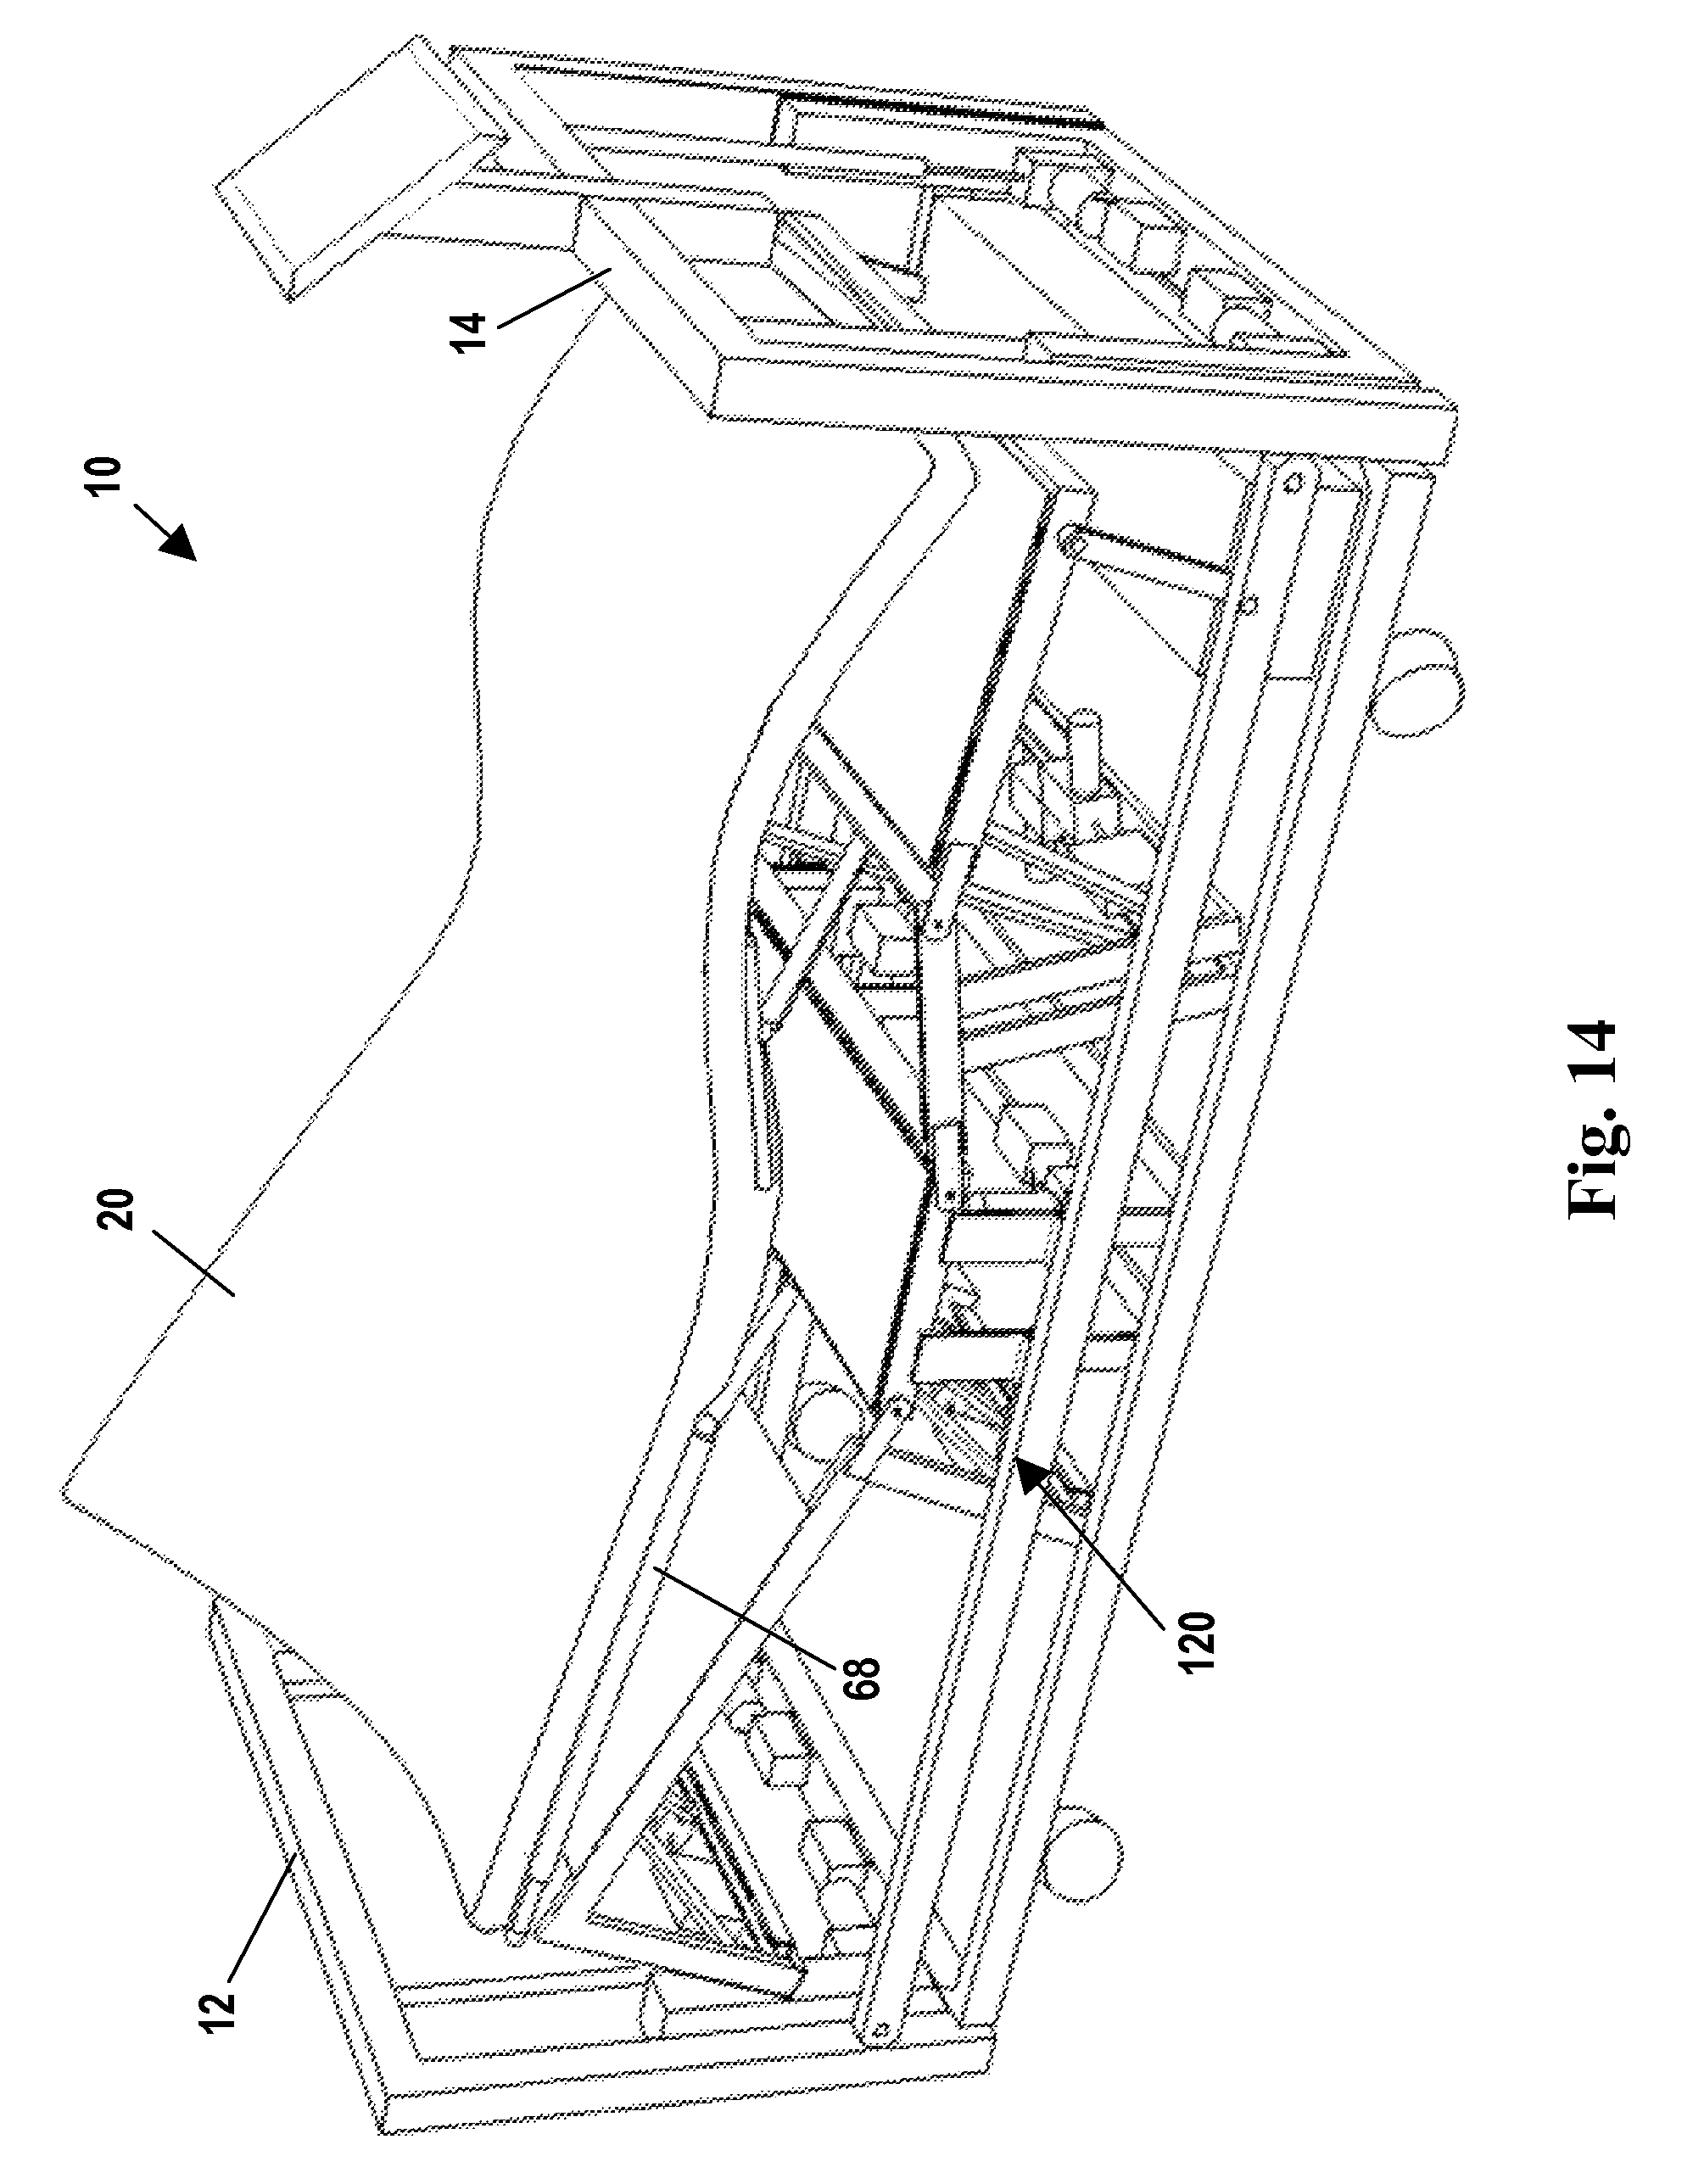 US8601618B2 - Adjustable bed with sliding subframe for torso